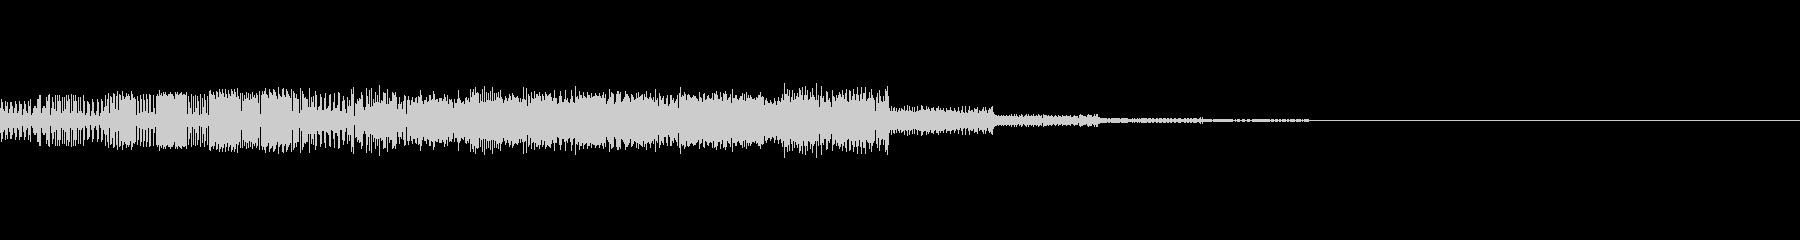 アイテムを取得して、強化された際の効果音の未再生の波形